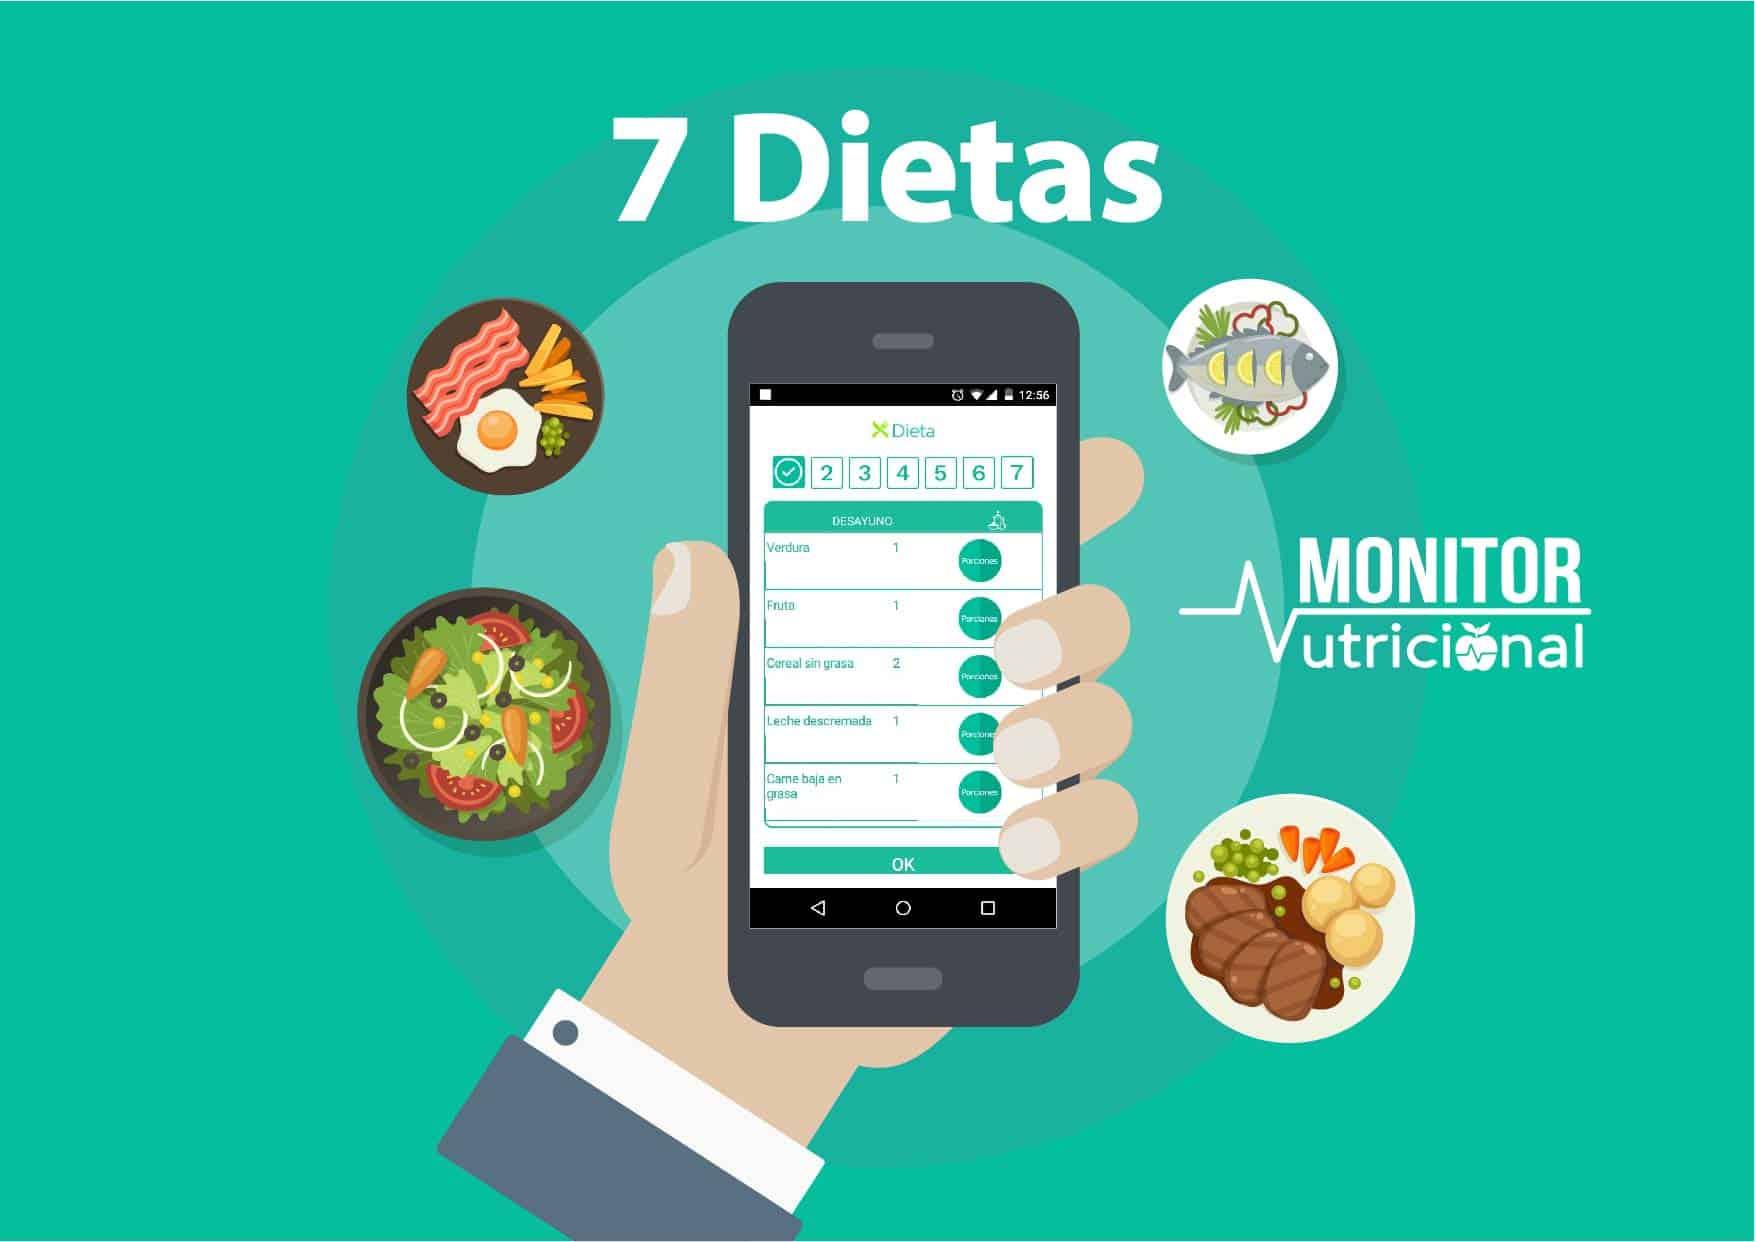 7 dietas